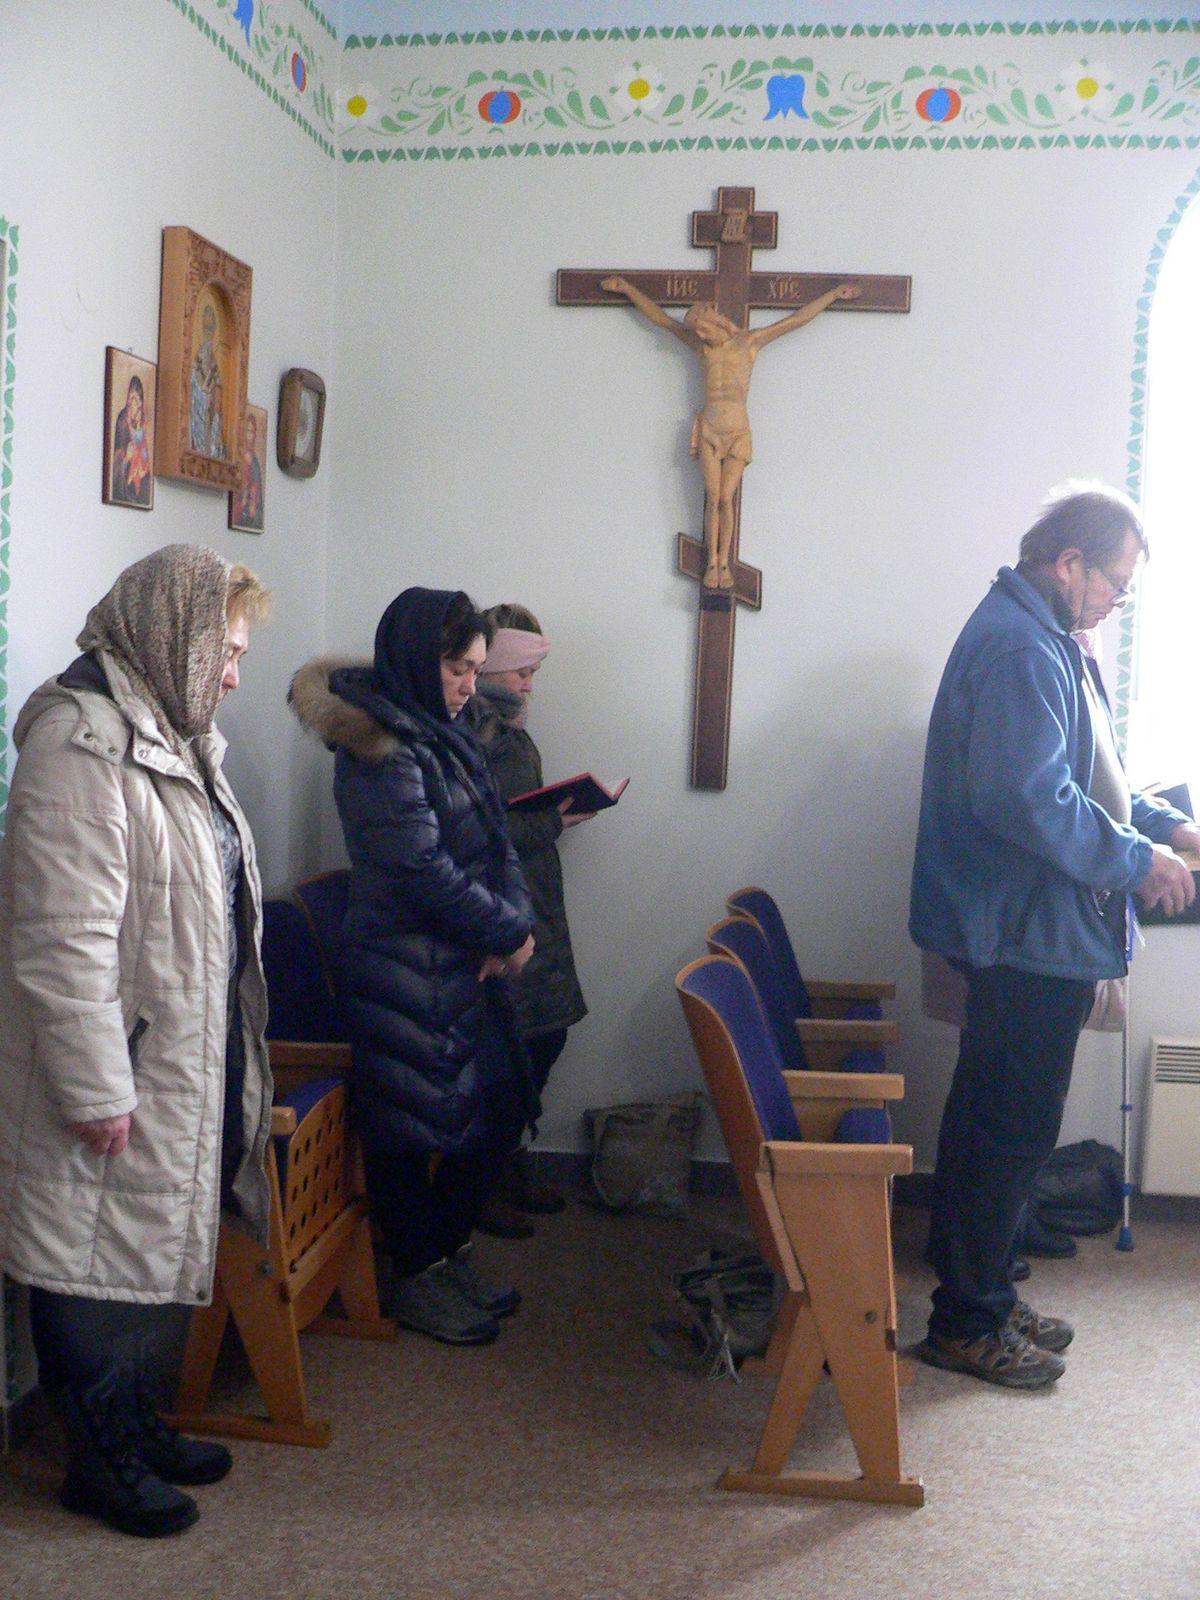 2020-12-06-vilemov-03-mikolas03_1